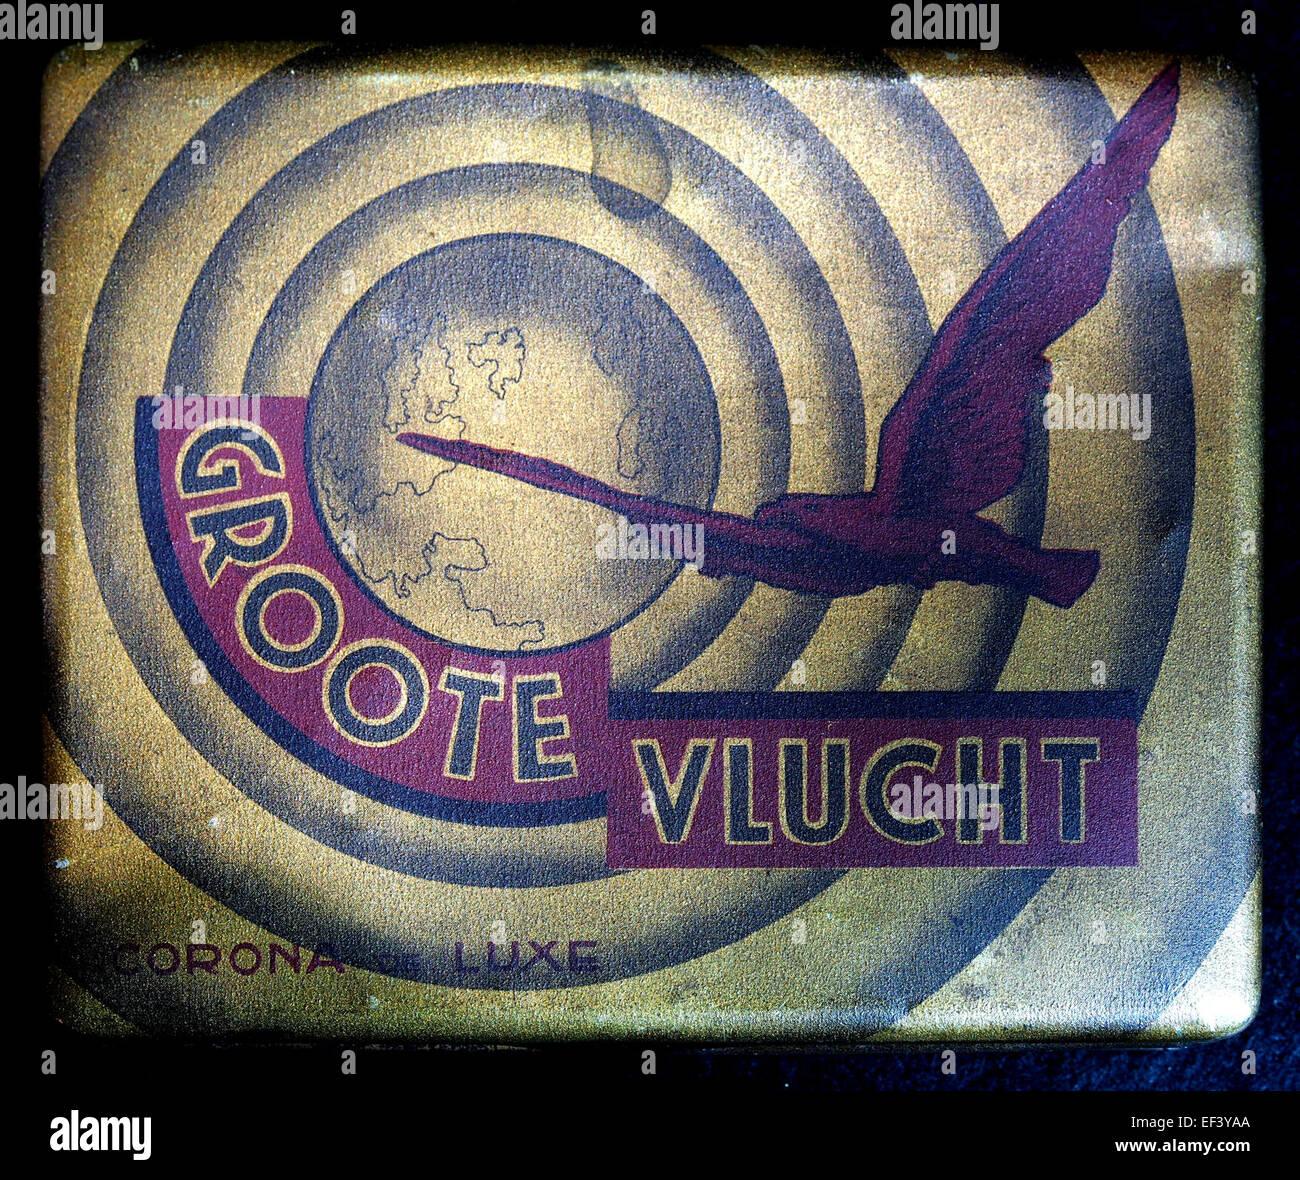 Groote Vlucht, Coroa de Luxe sigarenblikje, foto 1 - Stock Image